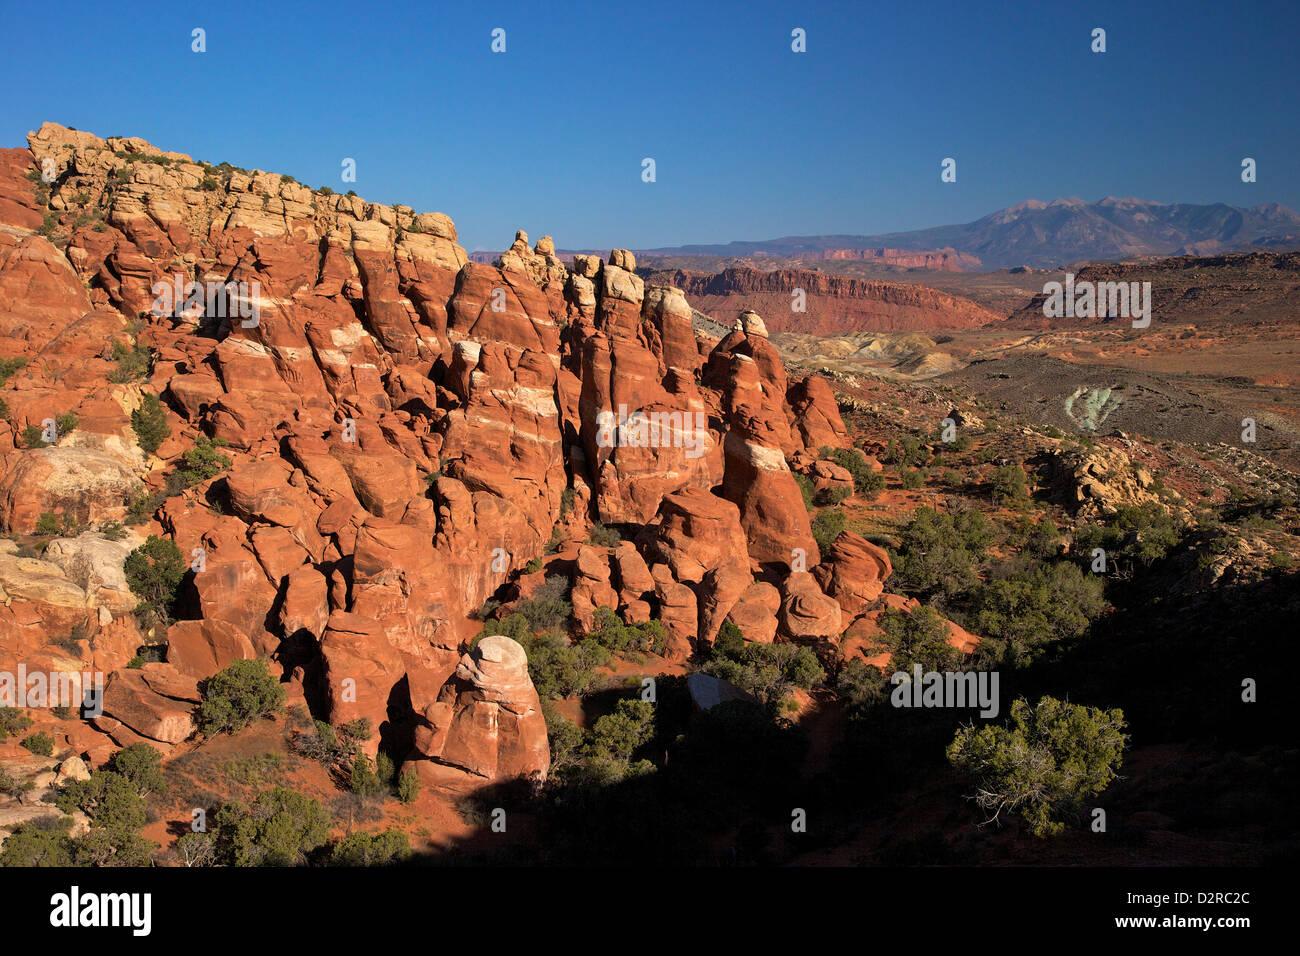 Fournaise ardente, Arches National Park, Moab, Utah, États-Unis d'Amérique, Amérique du Nord Photo Stock